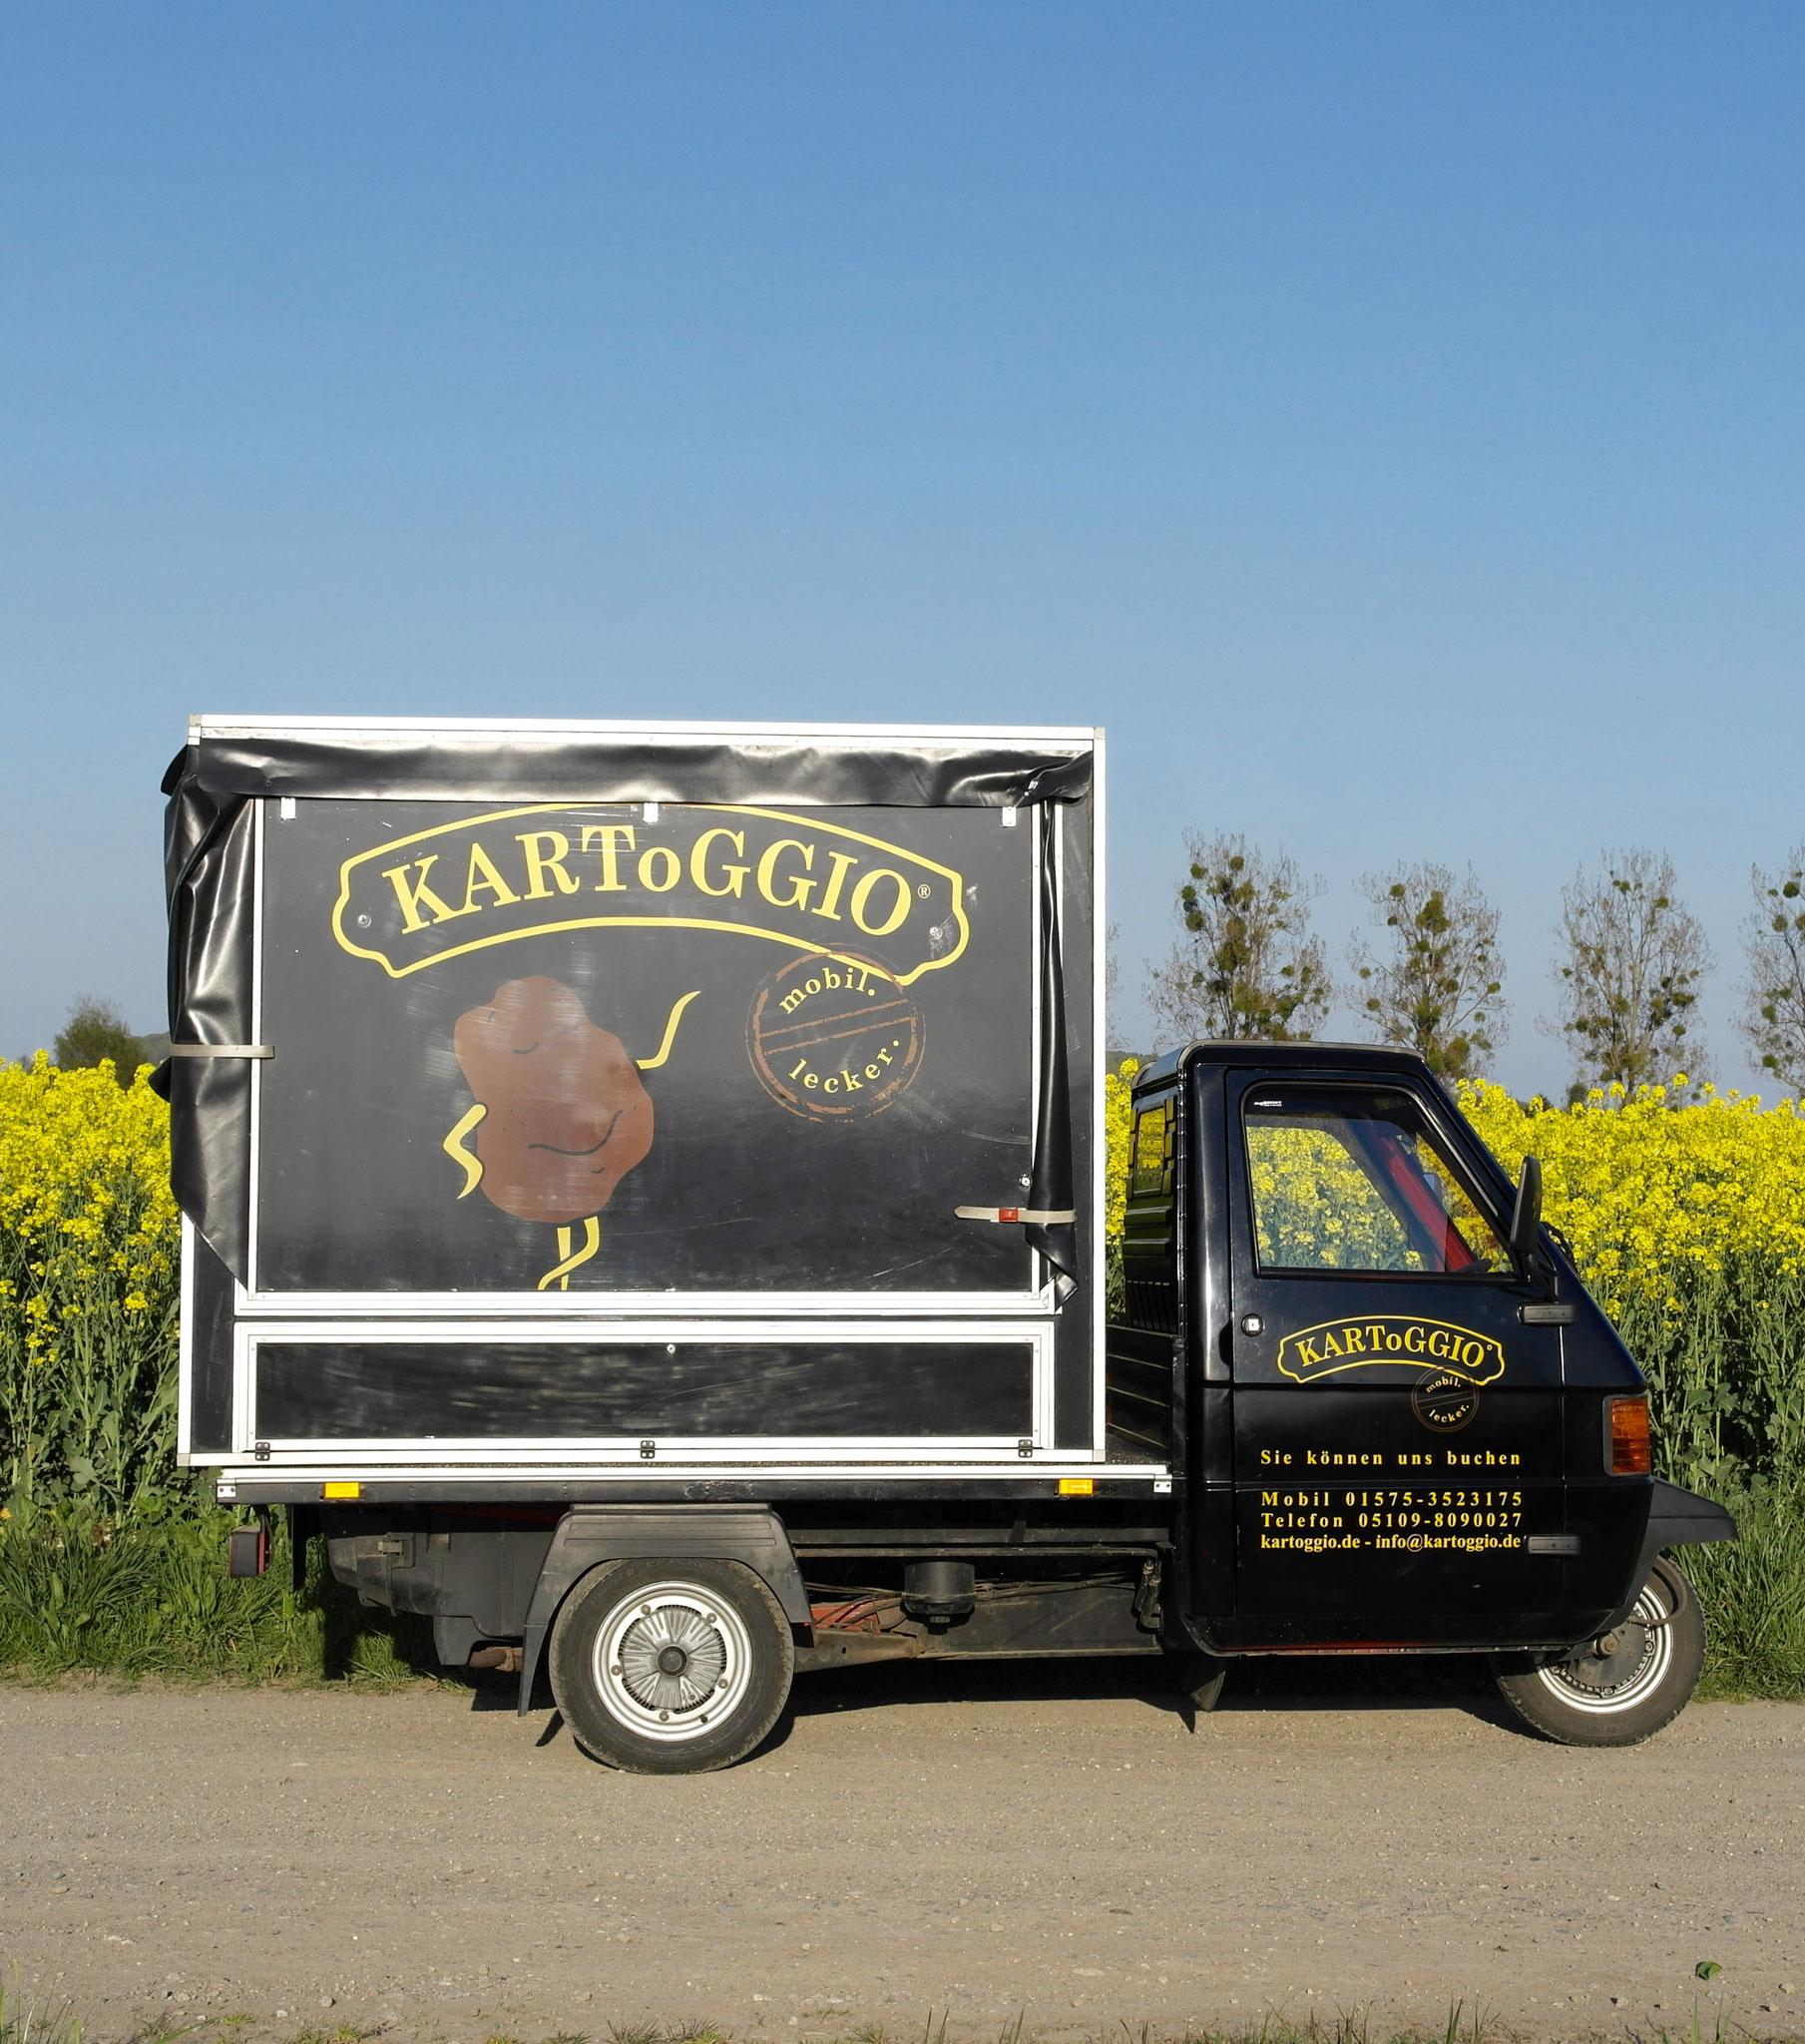 KARToGGIO® mobil.lecker. die perfekte Ofenkartoffel für jede Jahreszeit